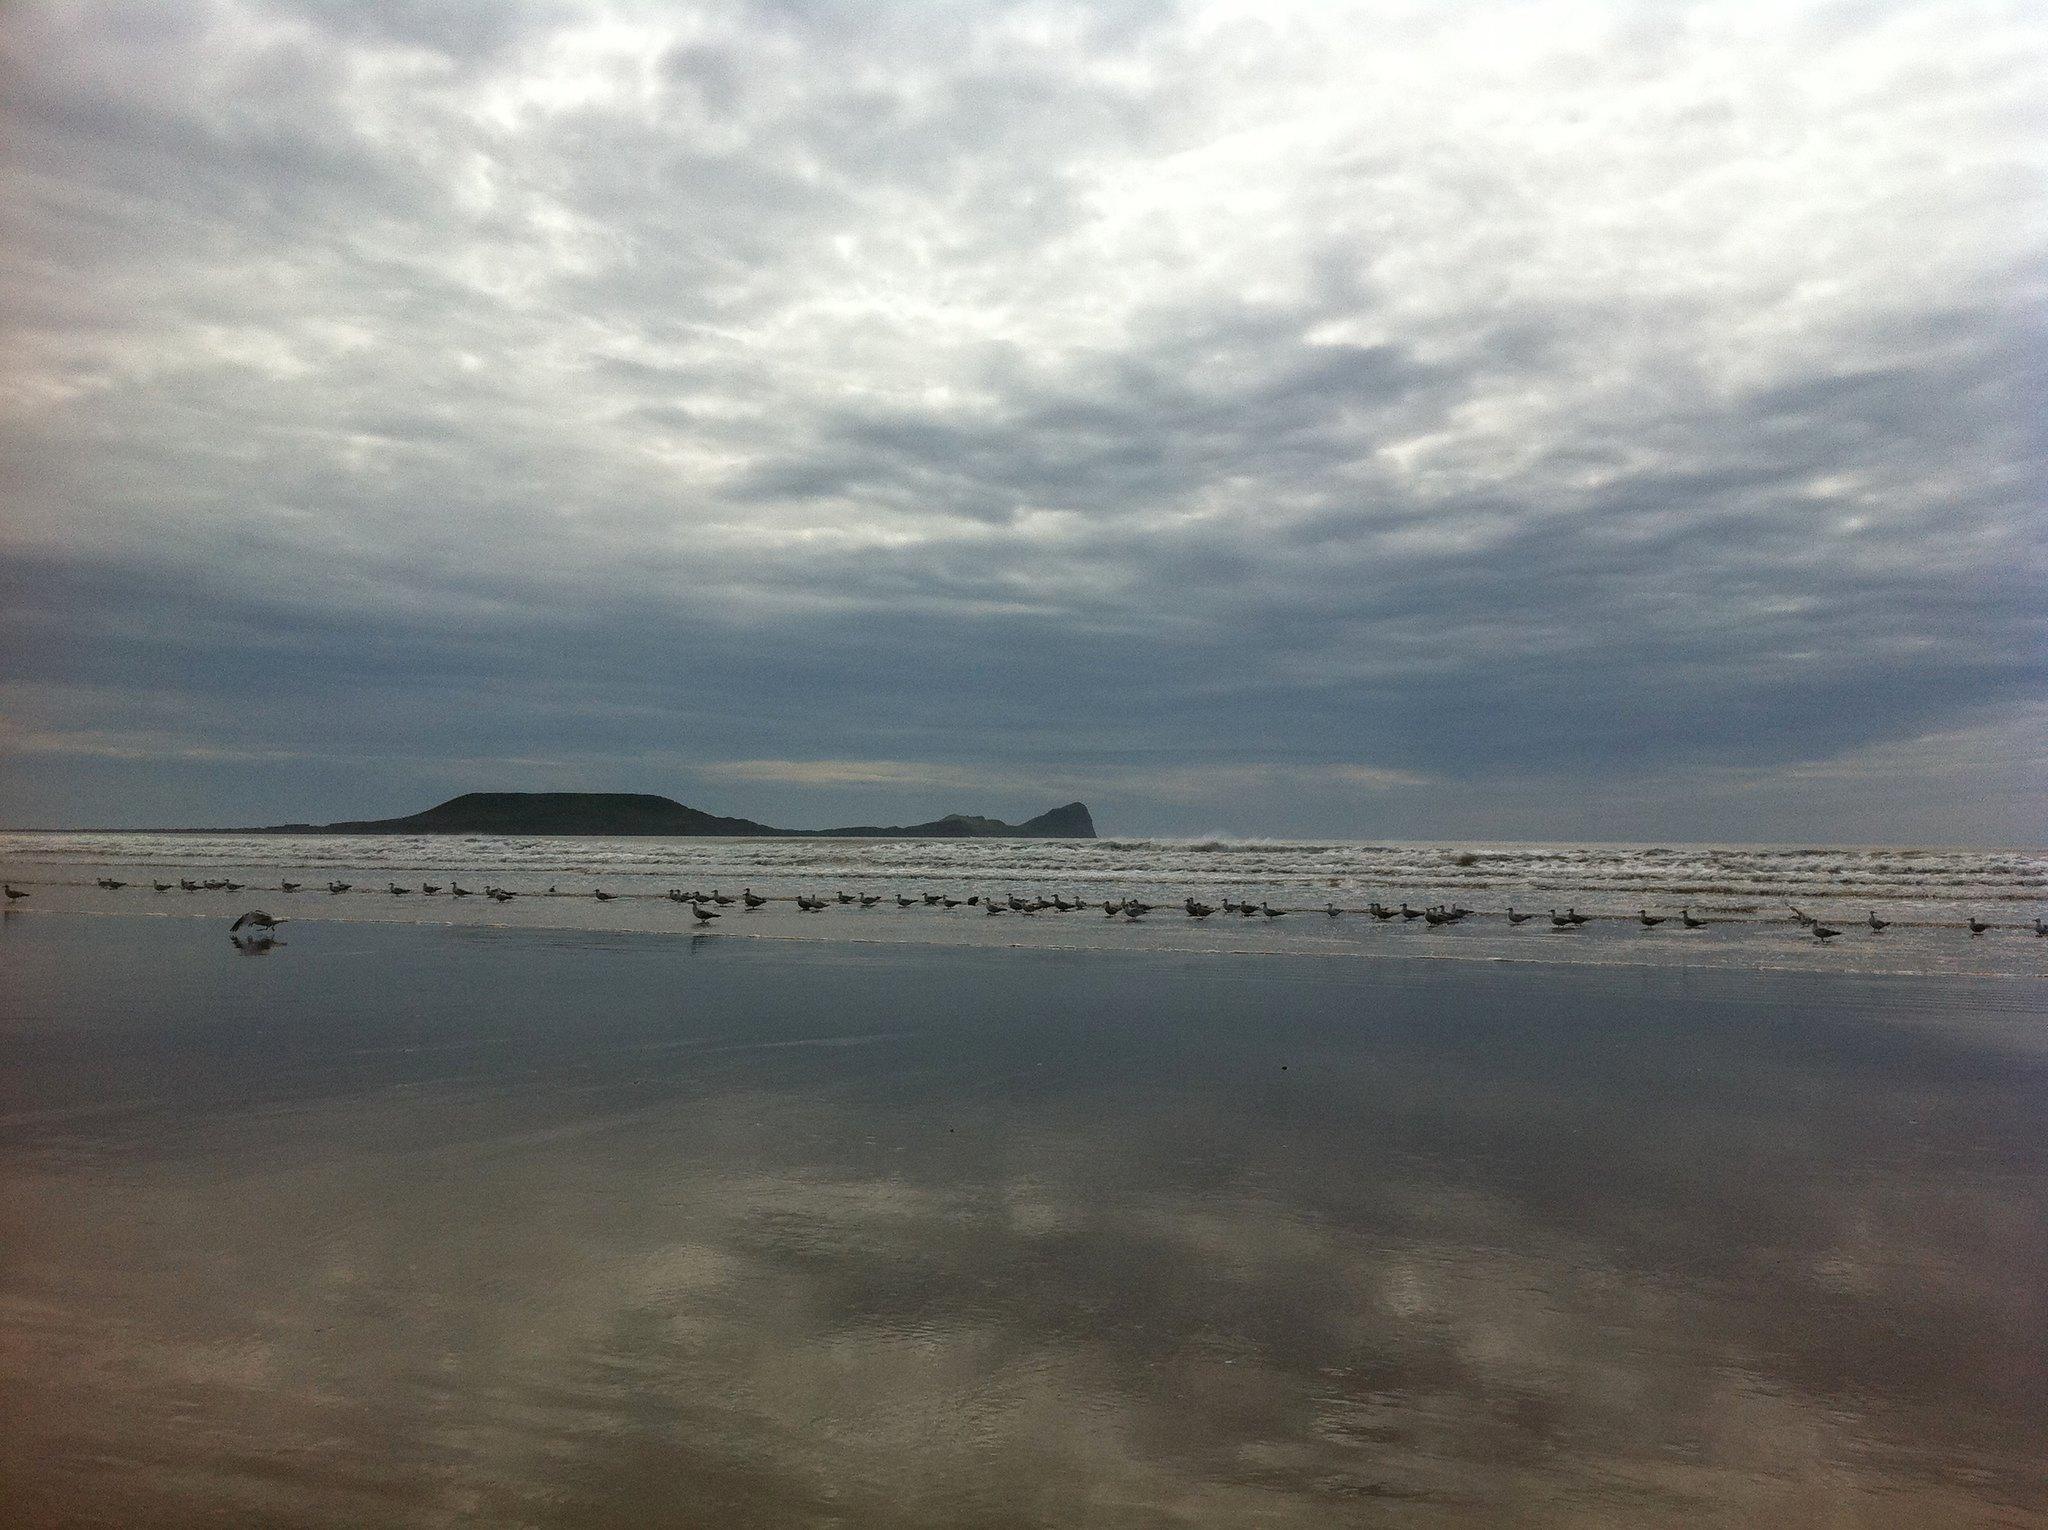 Wales - Rhossili Bay